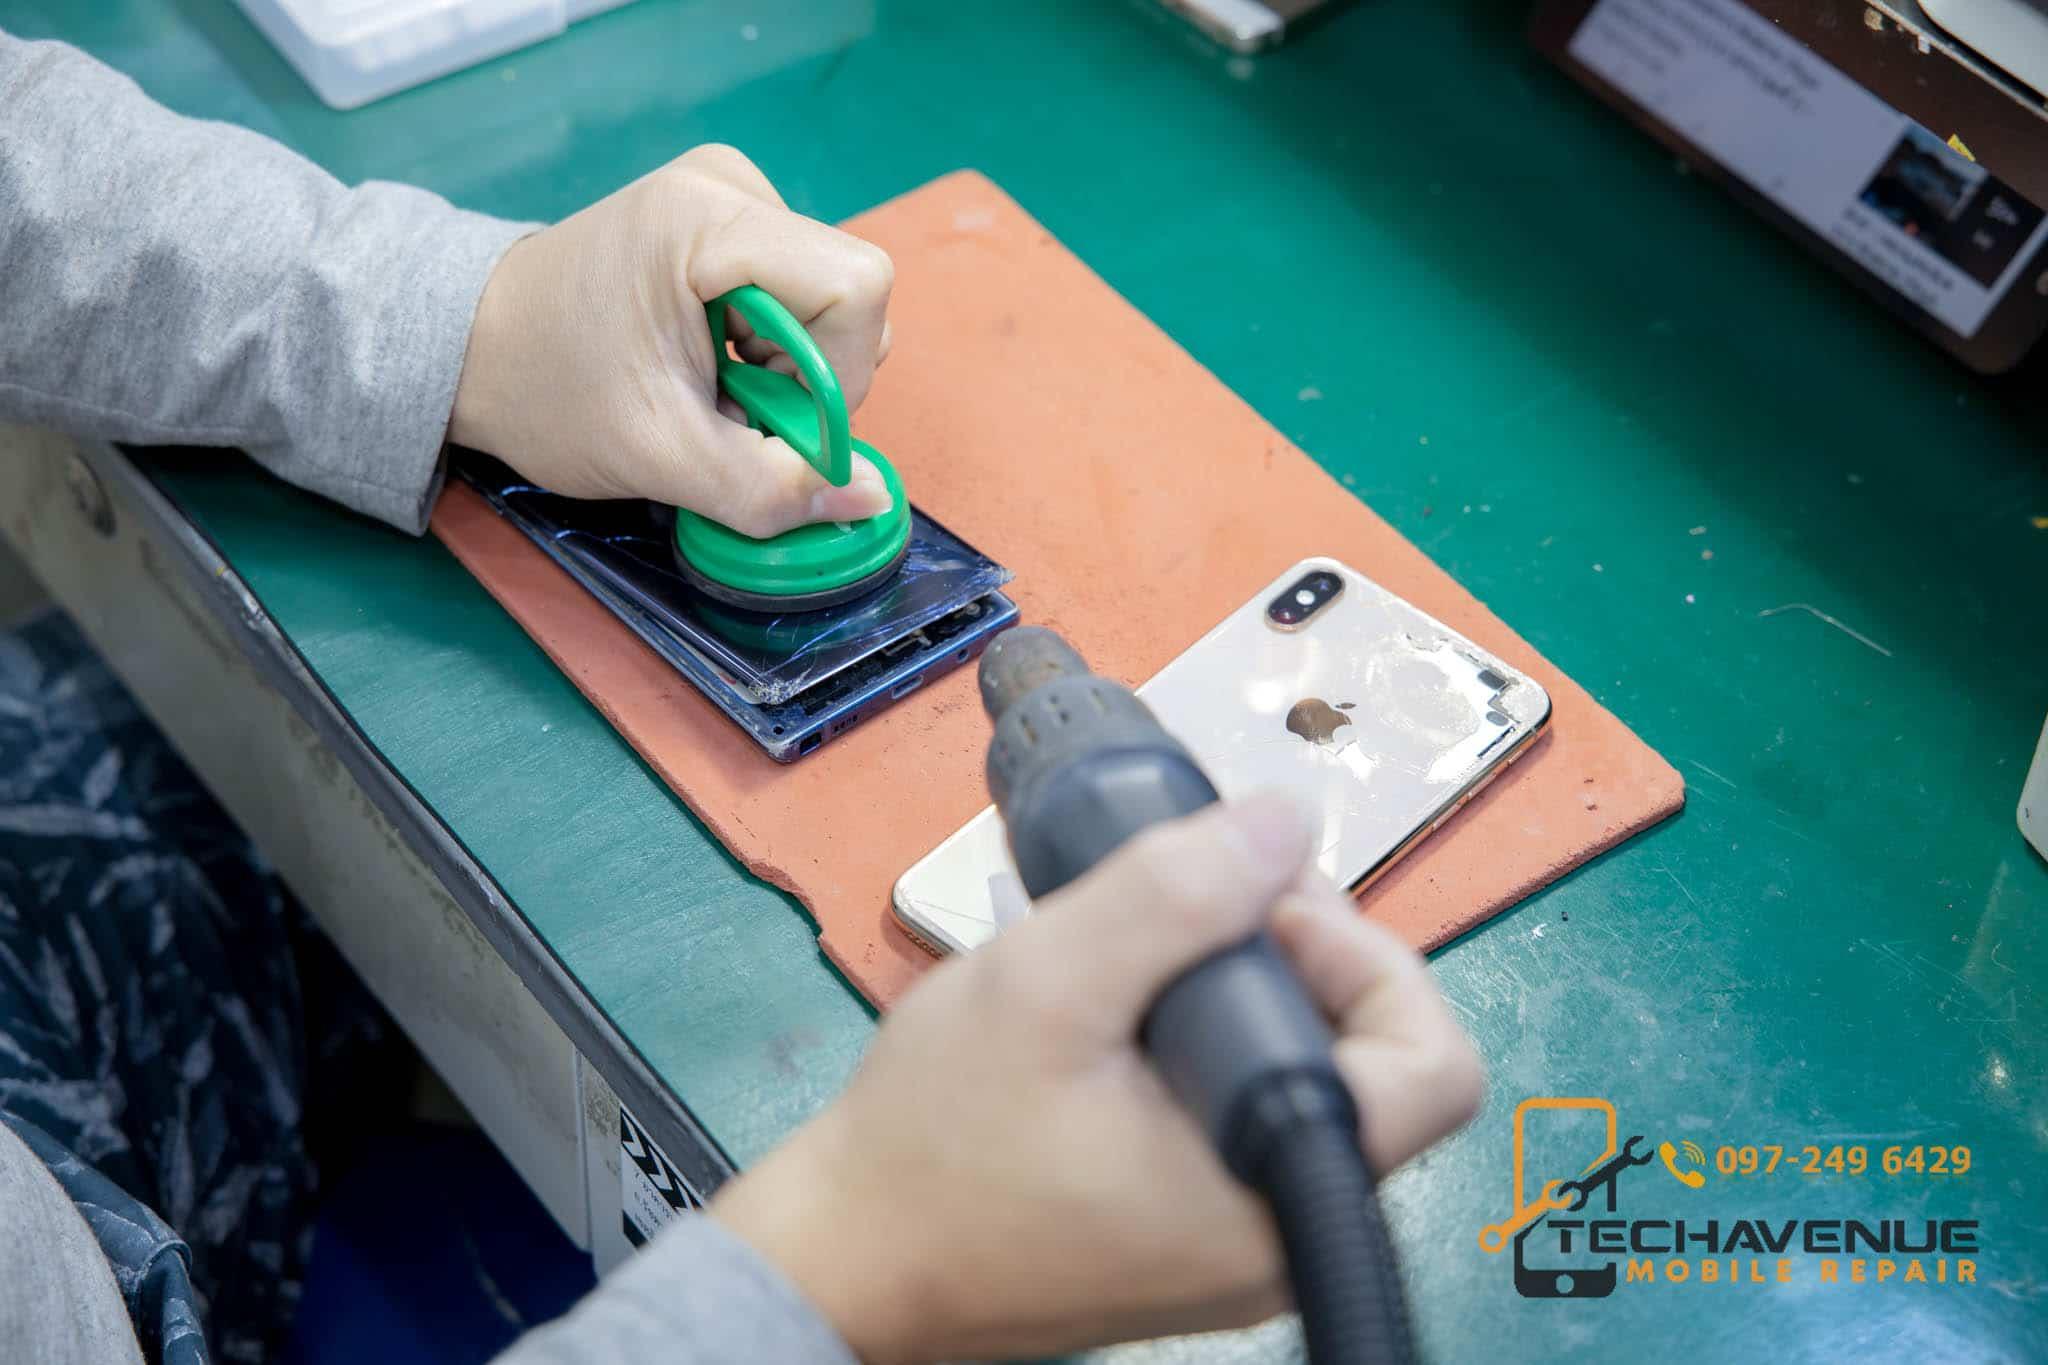 ซ่อมมือถือ แถว มหาวิทยาลัยศรีนครินทรวิโรฒ (มศว) ร้านไหนดี บริการซ่อมดีที่สุด